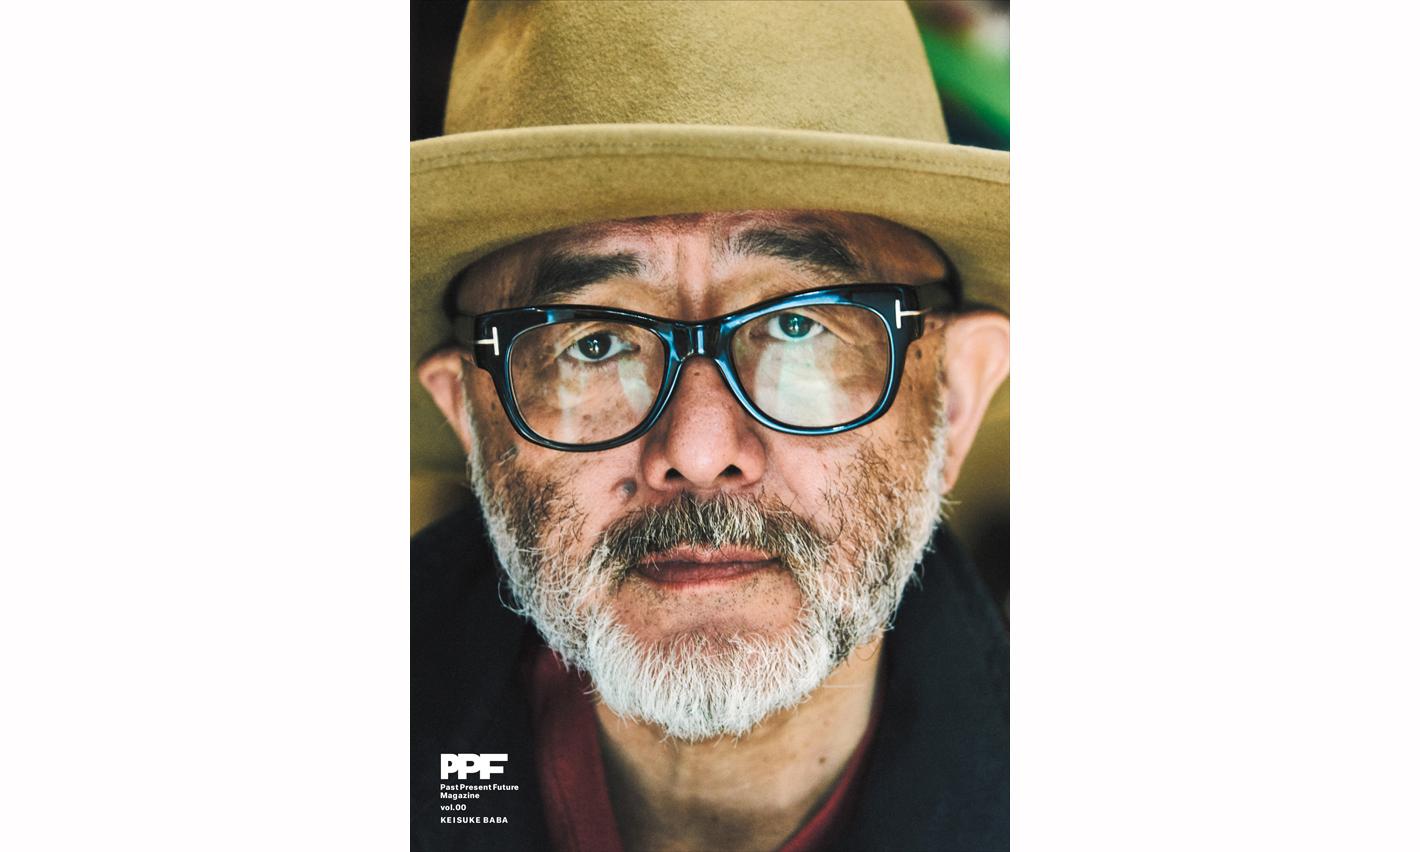 造型师马场圭介登上全新日本杂志《PPF》封面